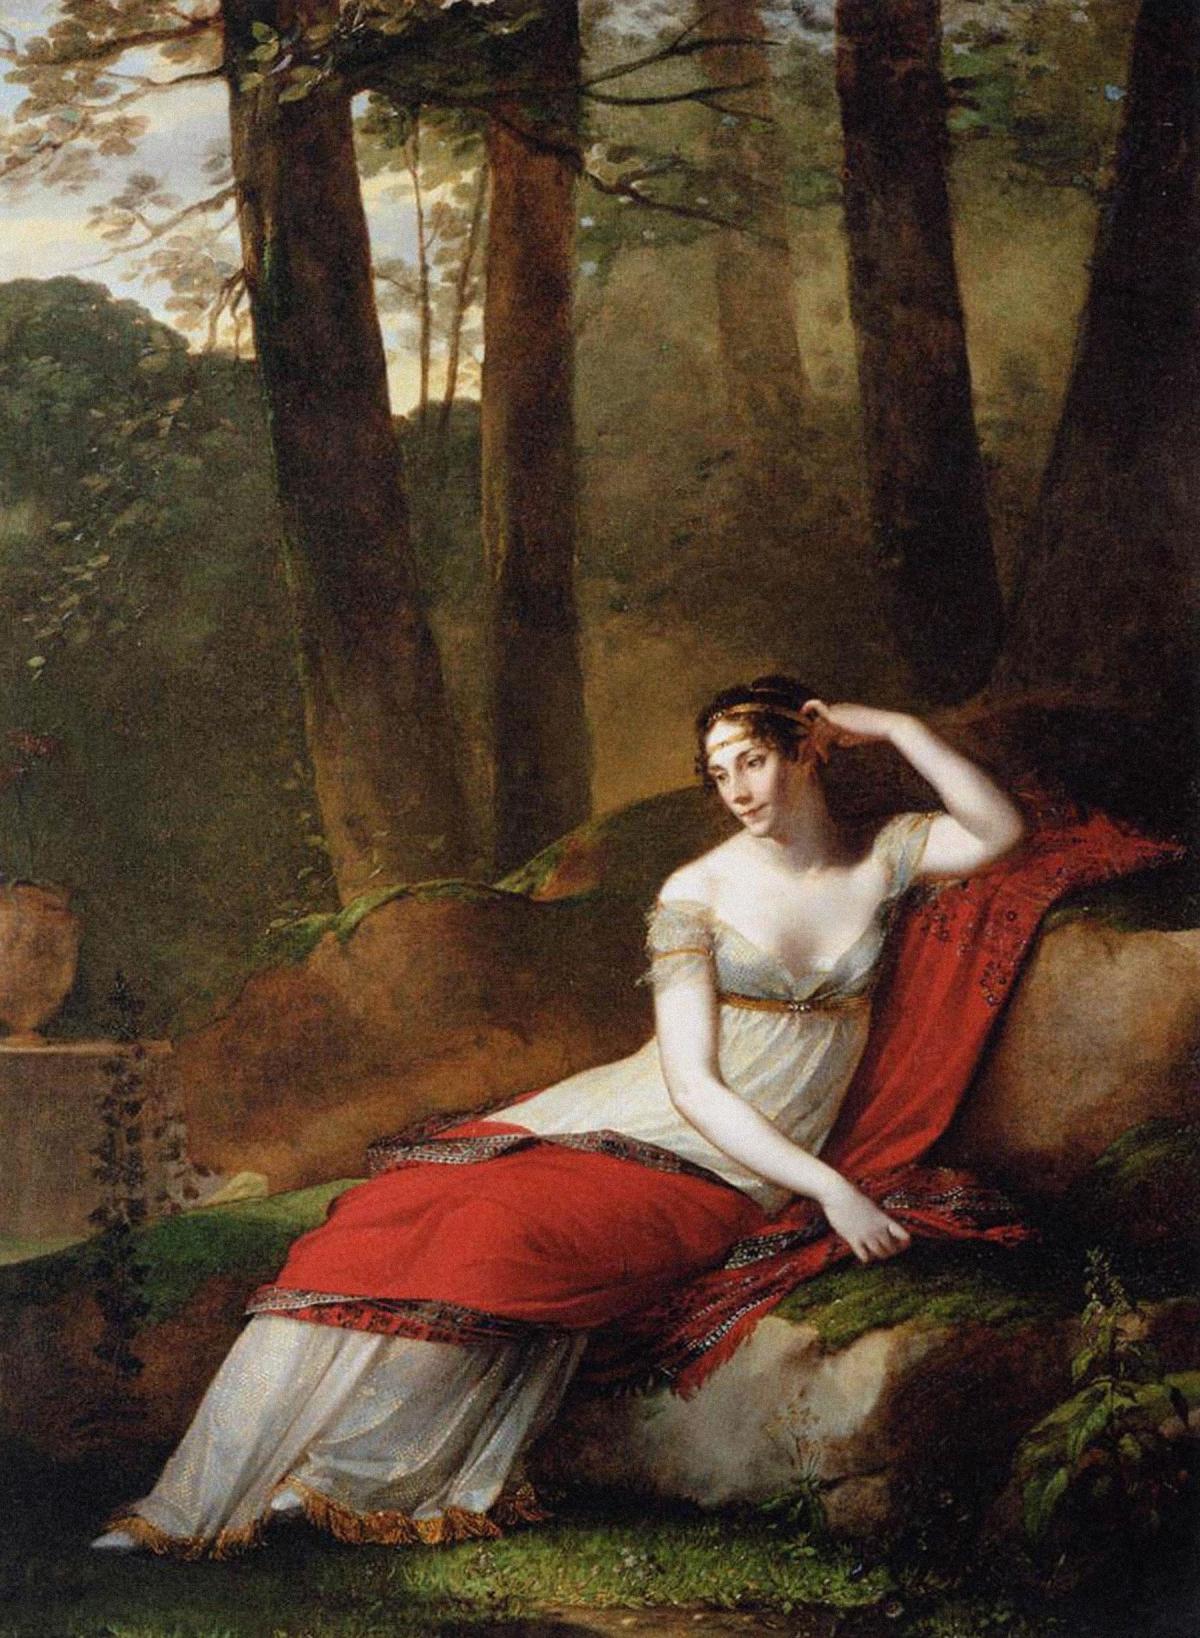 L'Impératrice Joséphine tableau peint par Pierre-Paul Prud'hon